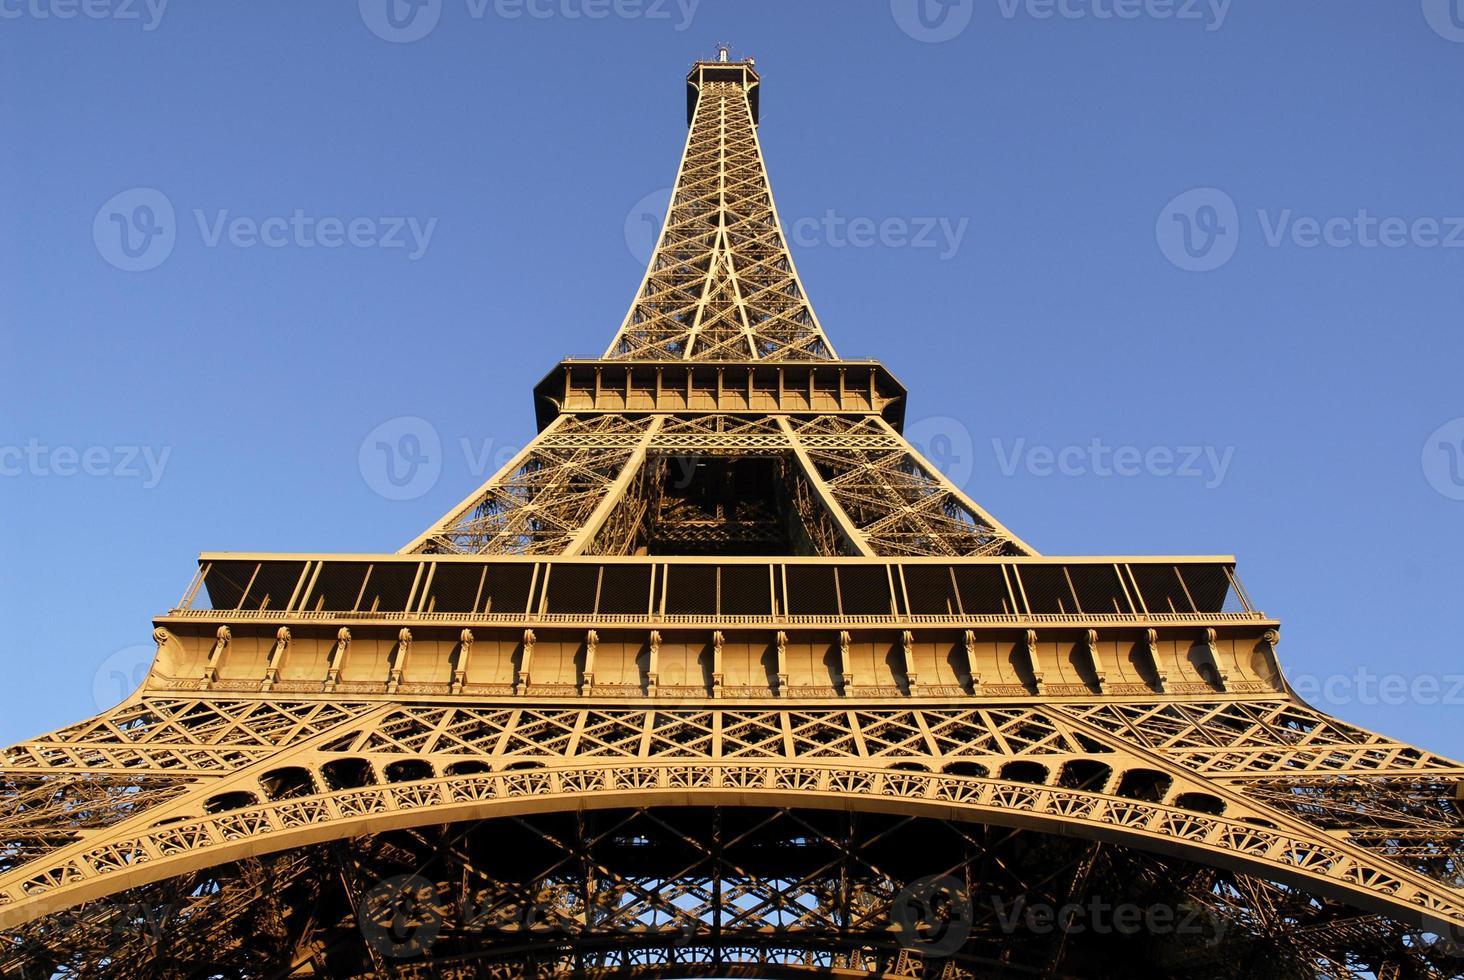 torre eiffel de paris foto